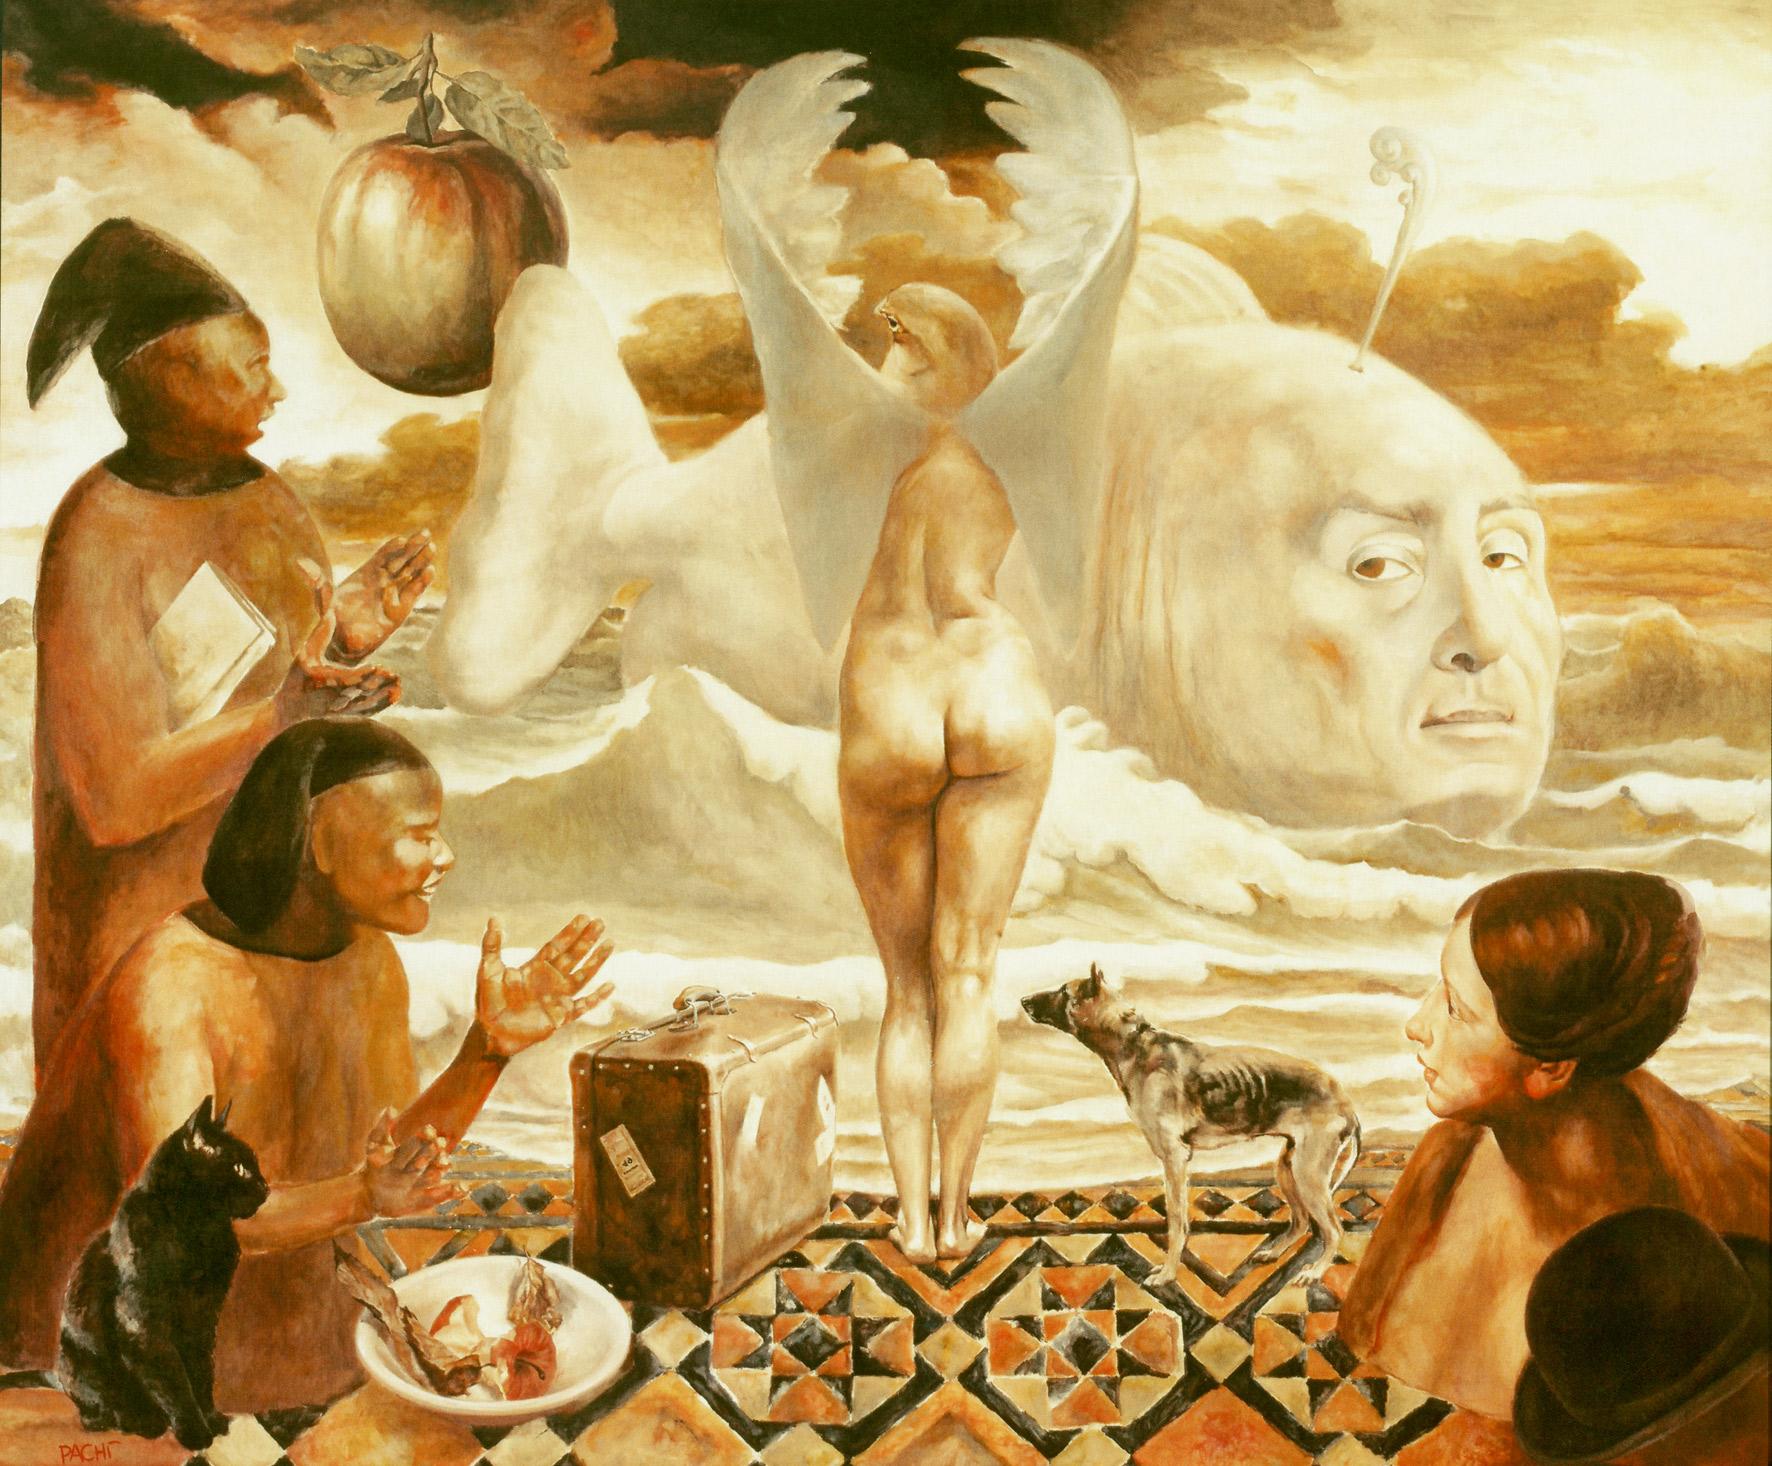 Stefano Pachì, macelleria, d'Occidente, dipinto su tela